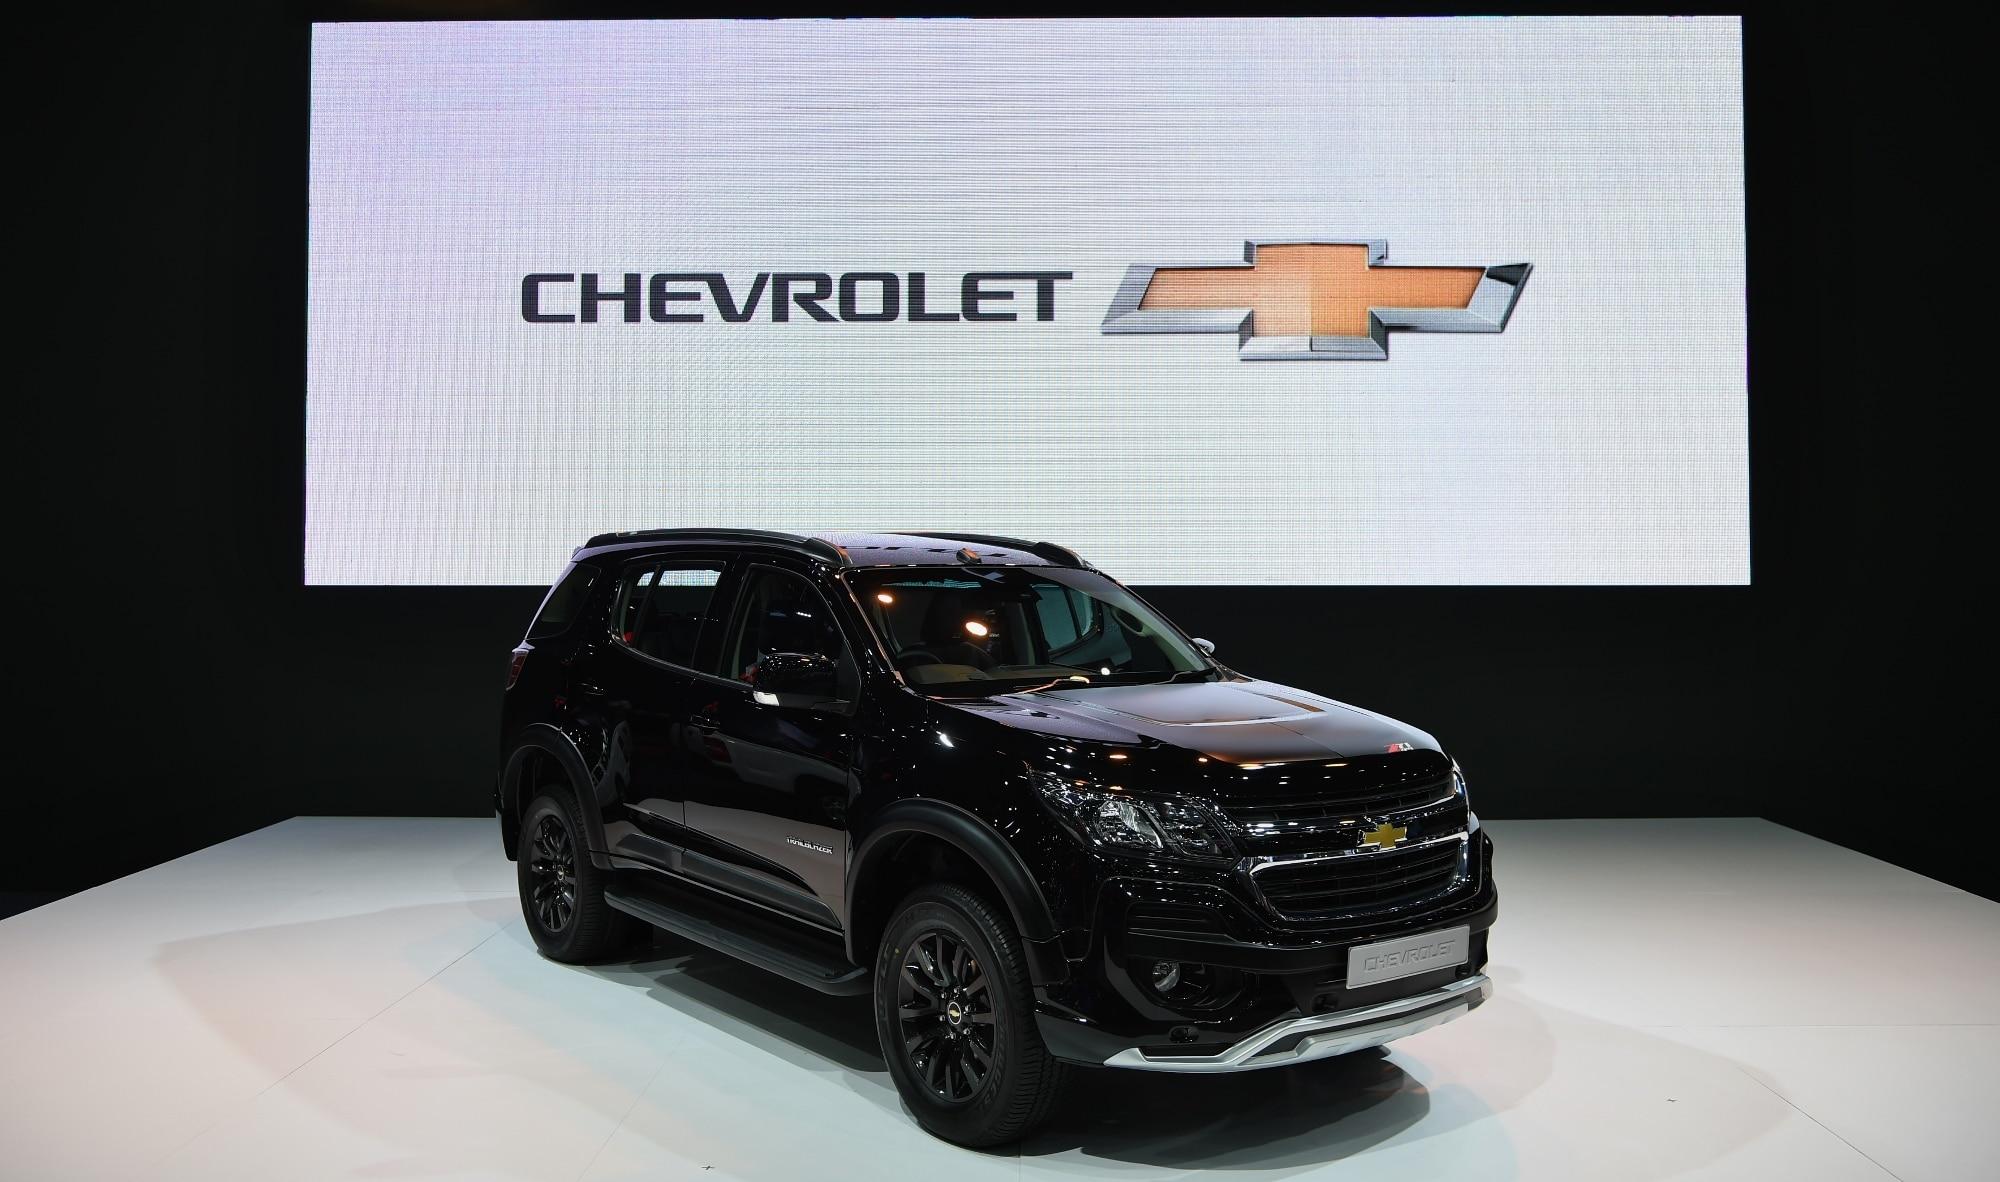 Chevrolet Trailblazer Z71 Bows at BIG Motor Sale 2017 in ...